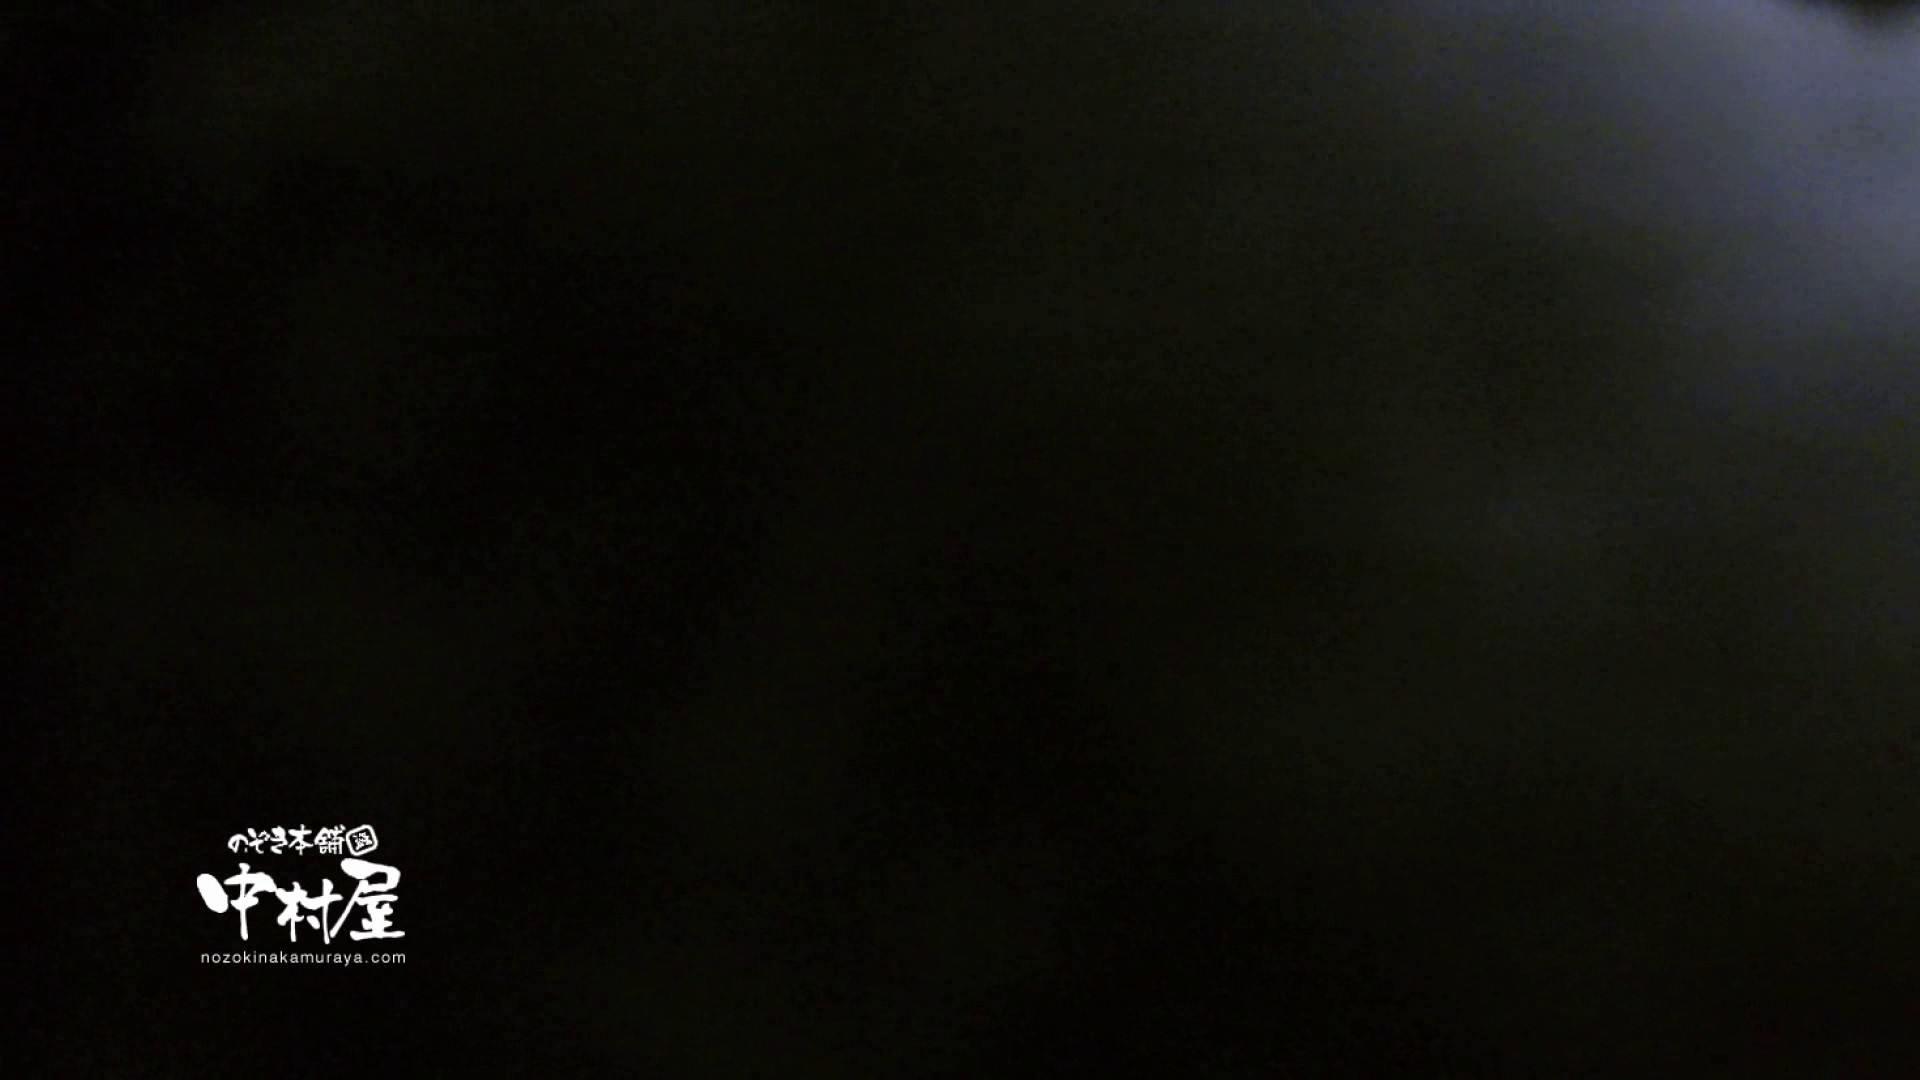 鬼畜 vol.09 無慈悲!中出し爆乳! 後編 爆乳天国 | 美しいOLの裸体  91pic 49